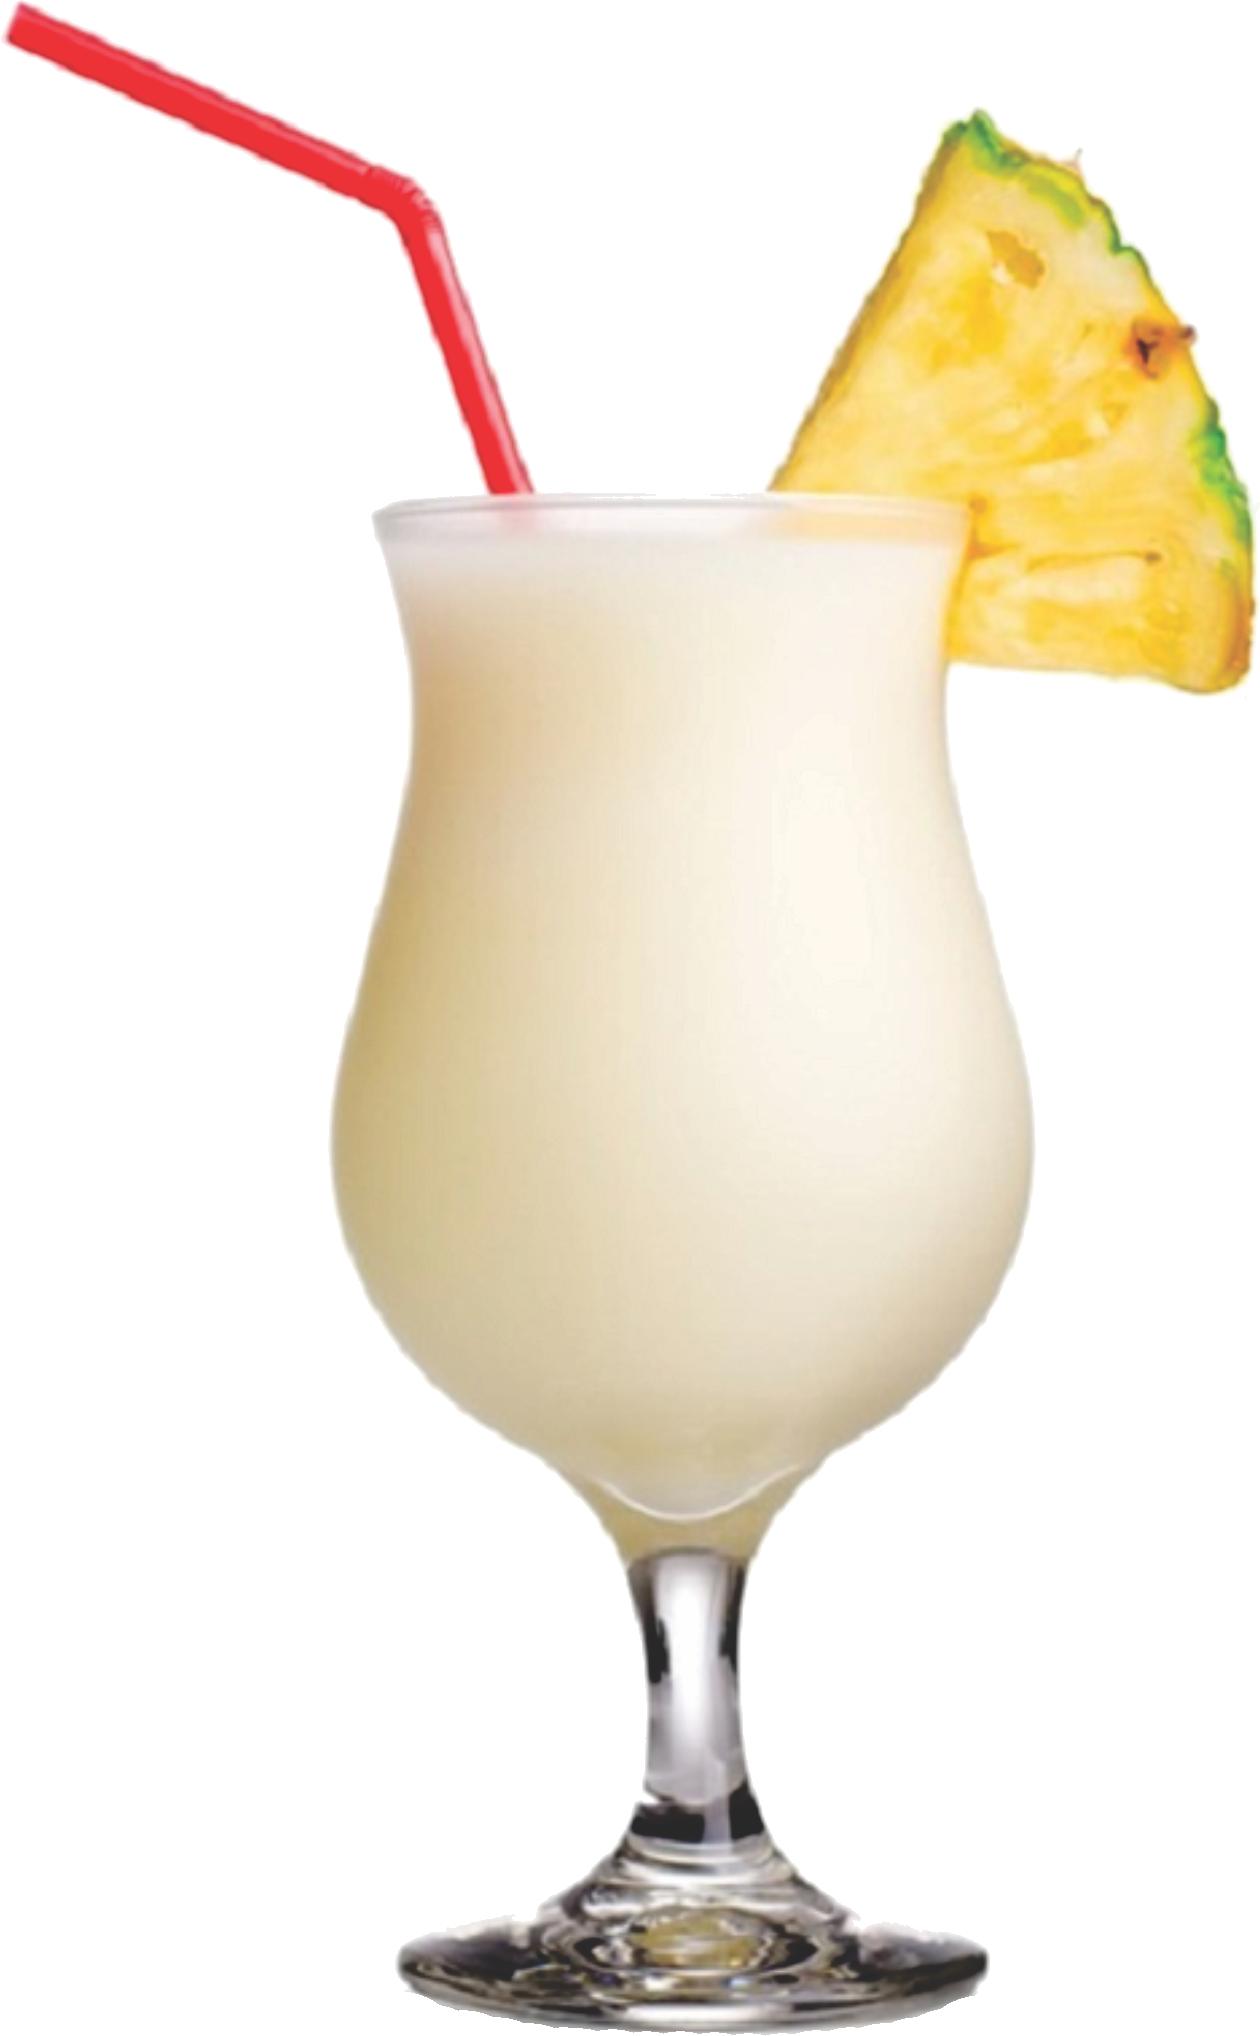 Состав алкогольного коктейля пина колада – как правильно пить